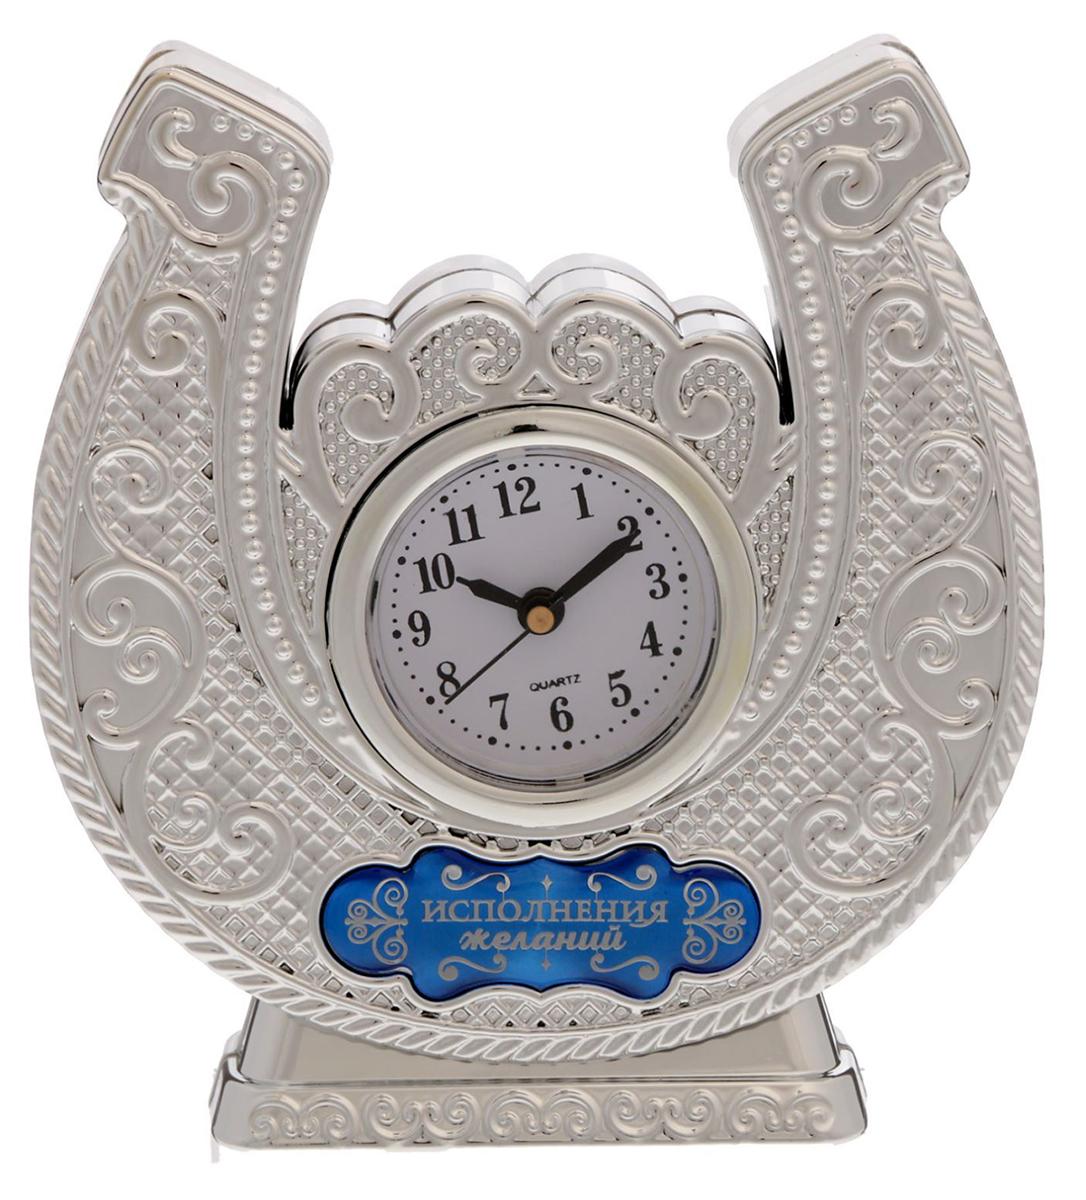 Часы настольные Исполнения желаний, 11,6 х 12,2 см. 1692912 парфюмерная вода cartier cartier baiser vole парфюмированная вода 50 мл спрей